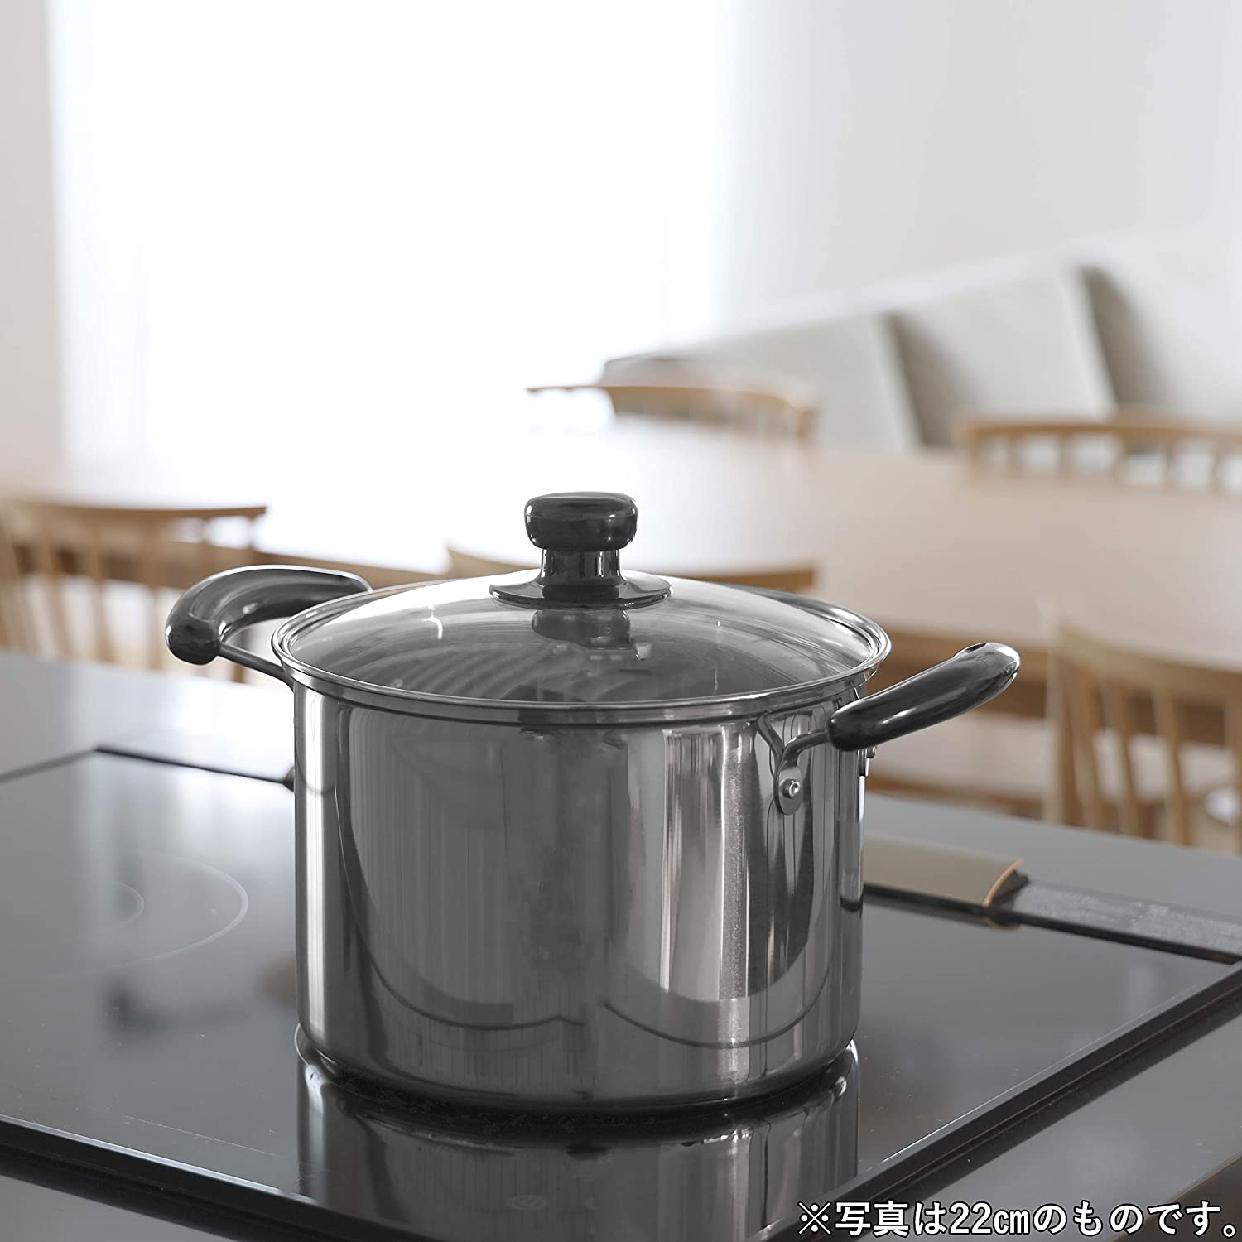 パール金属(PEARL) NEWだんらん 兼用鍋 ガラス鍋蓋付 H-5873の商品画像4